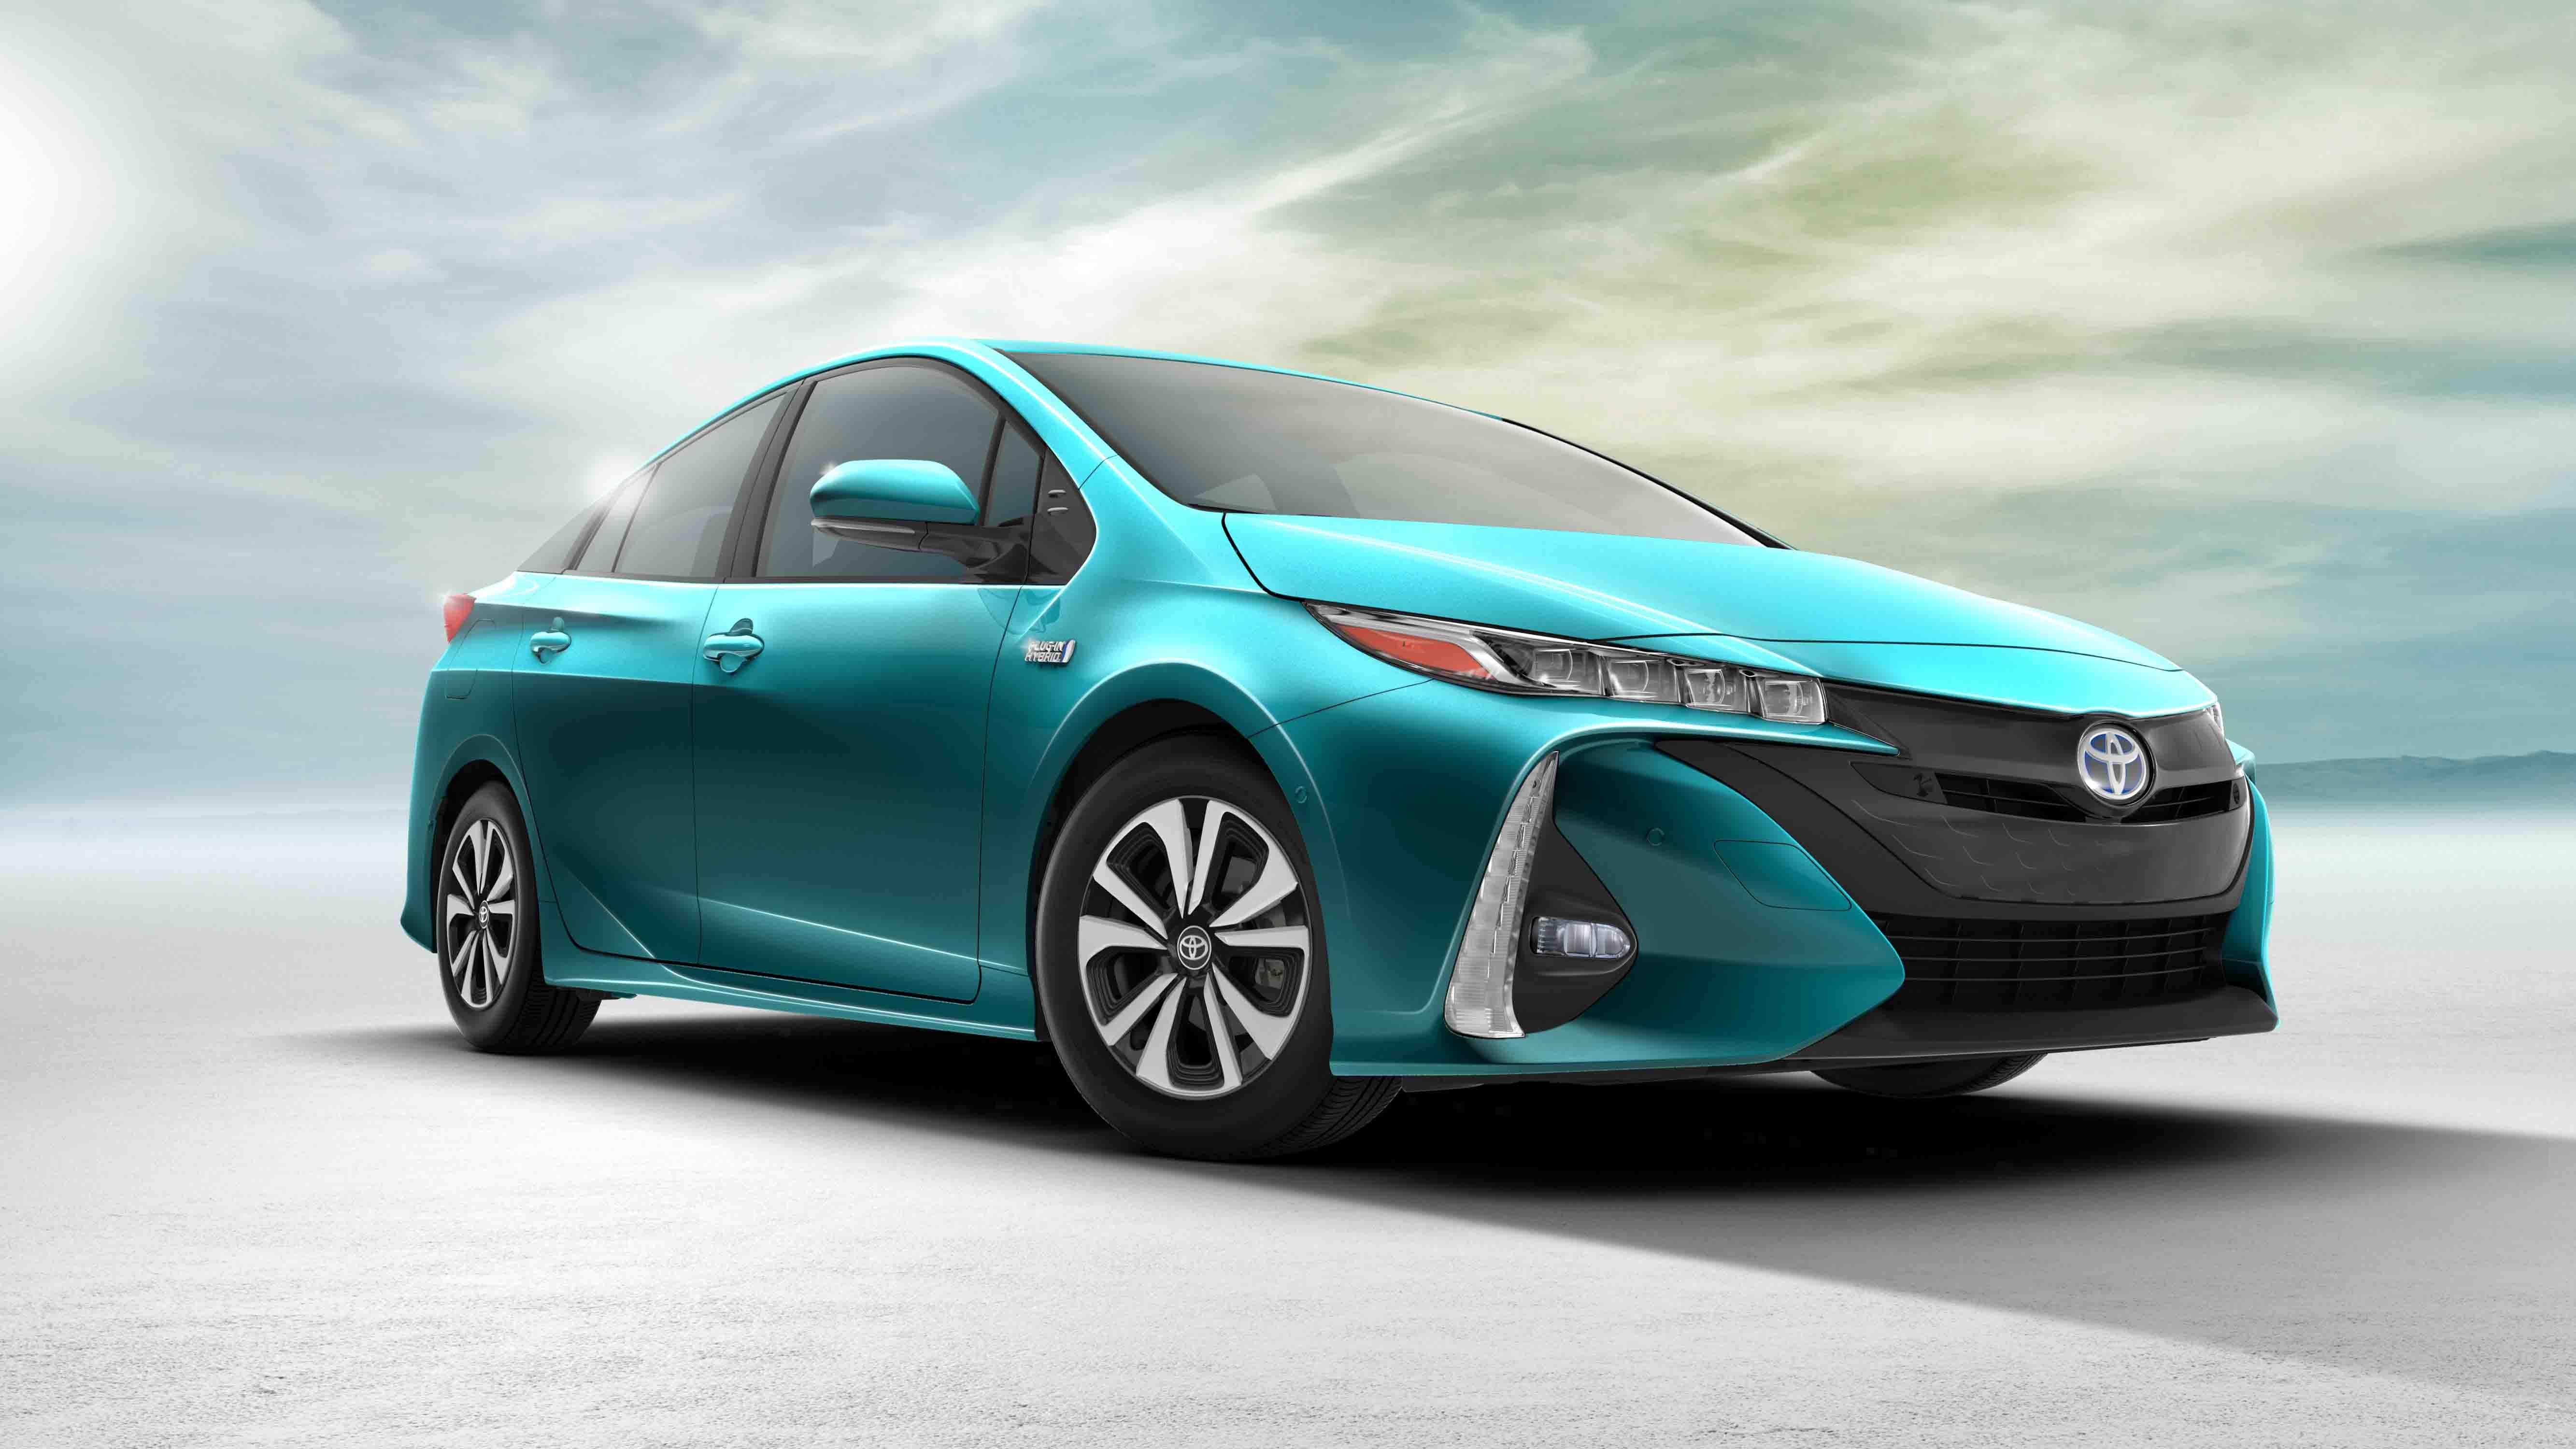 Prius vehículo híbrido de Toyota